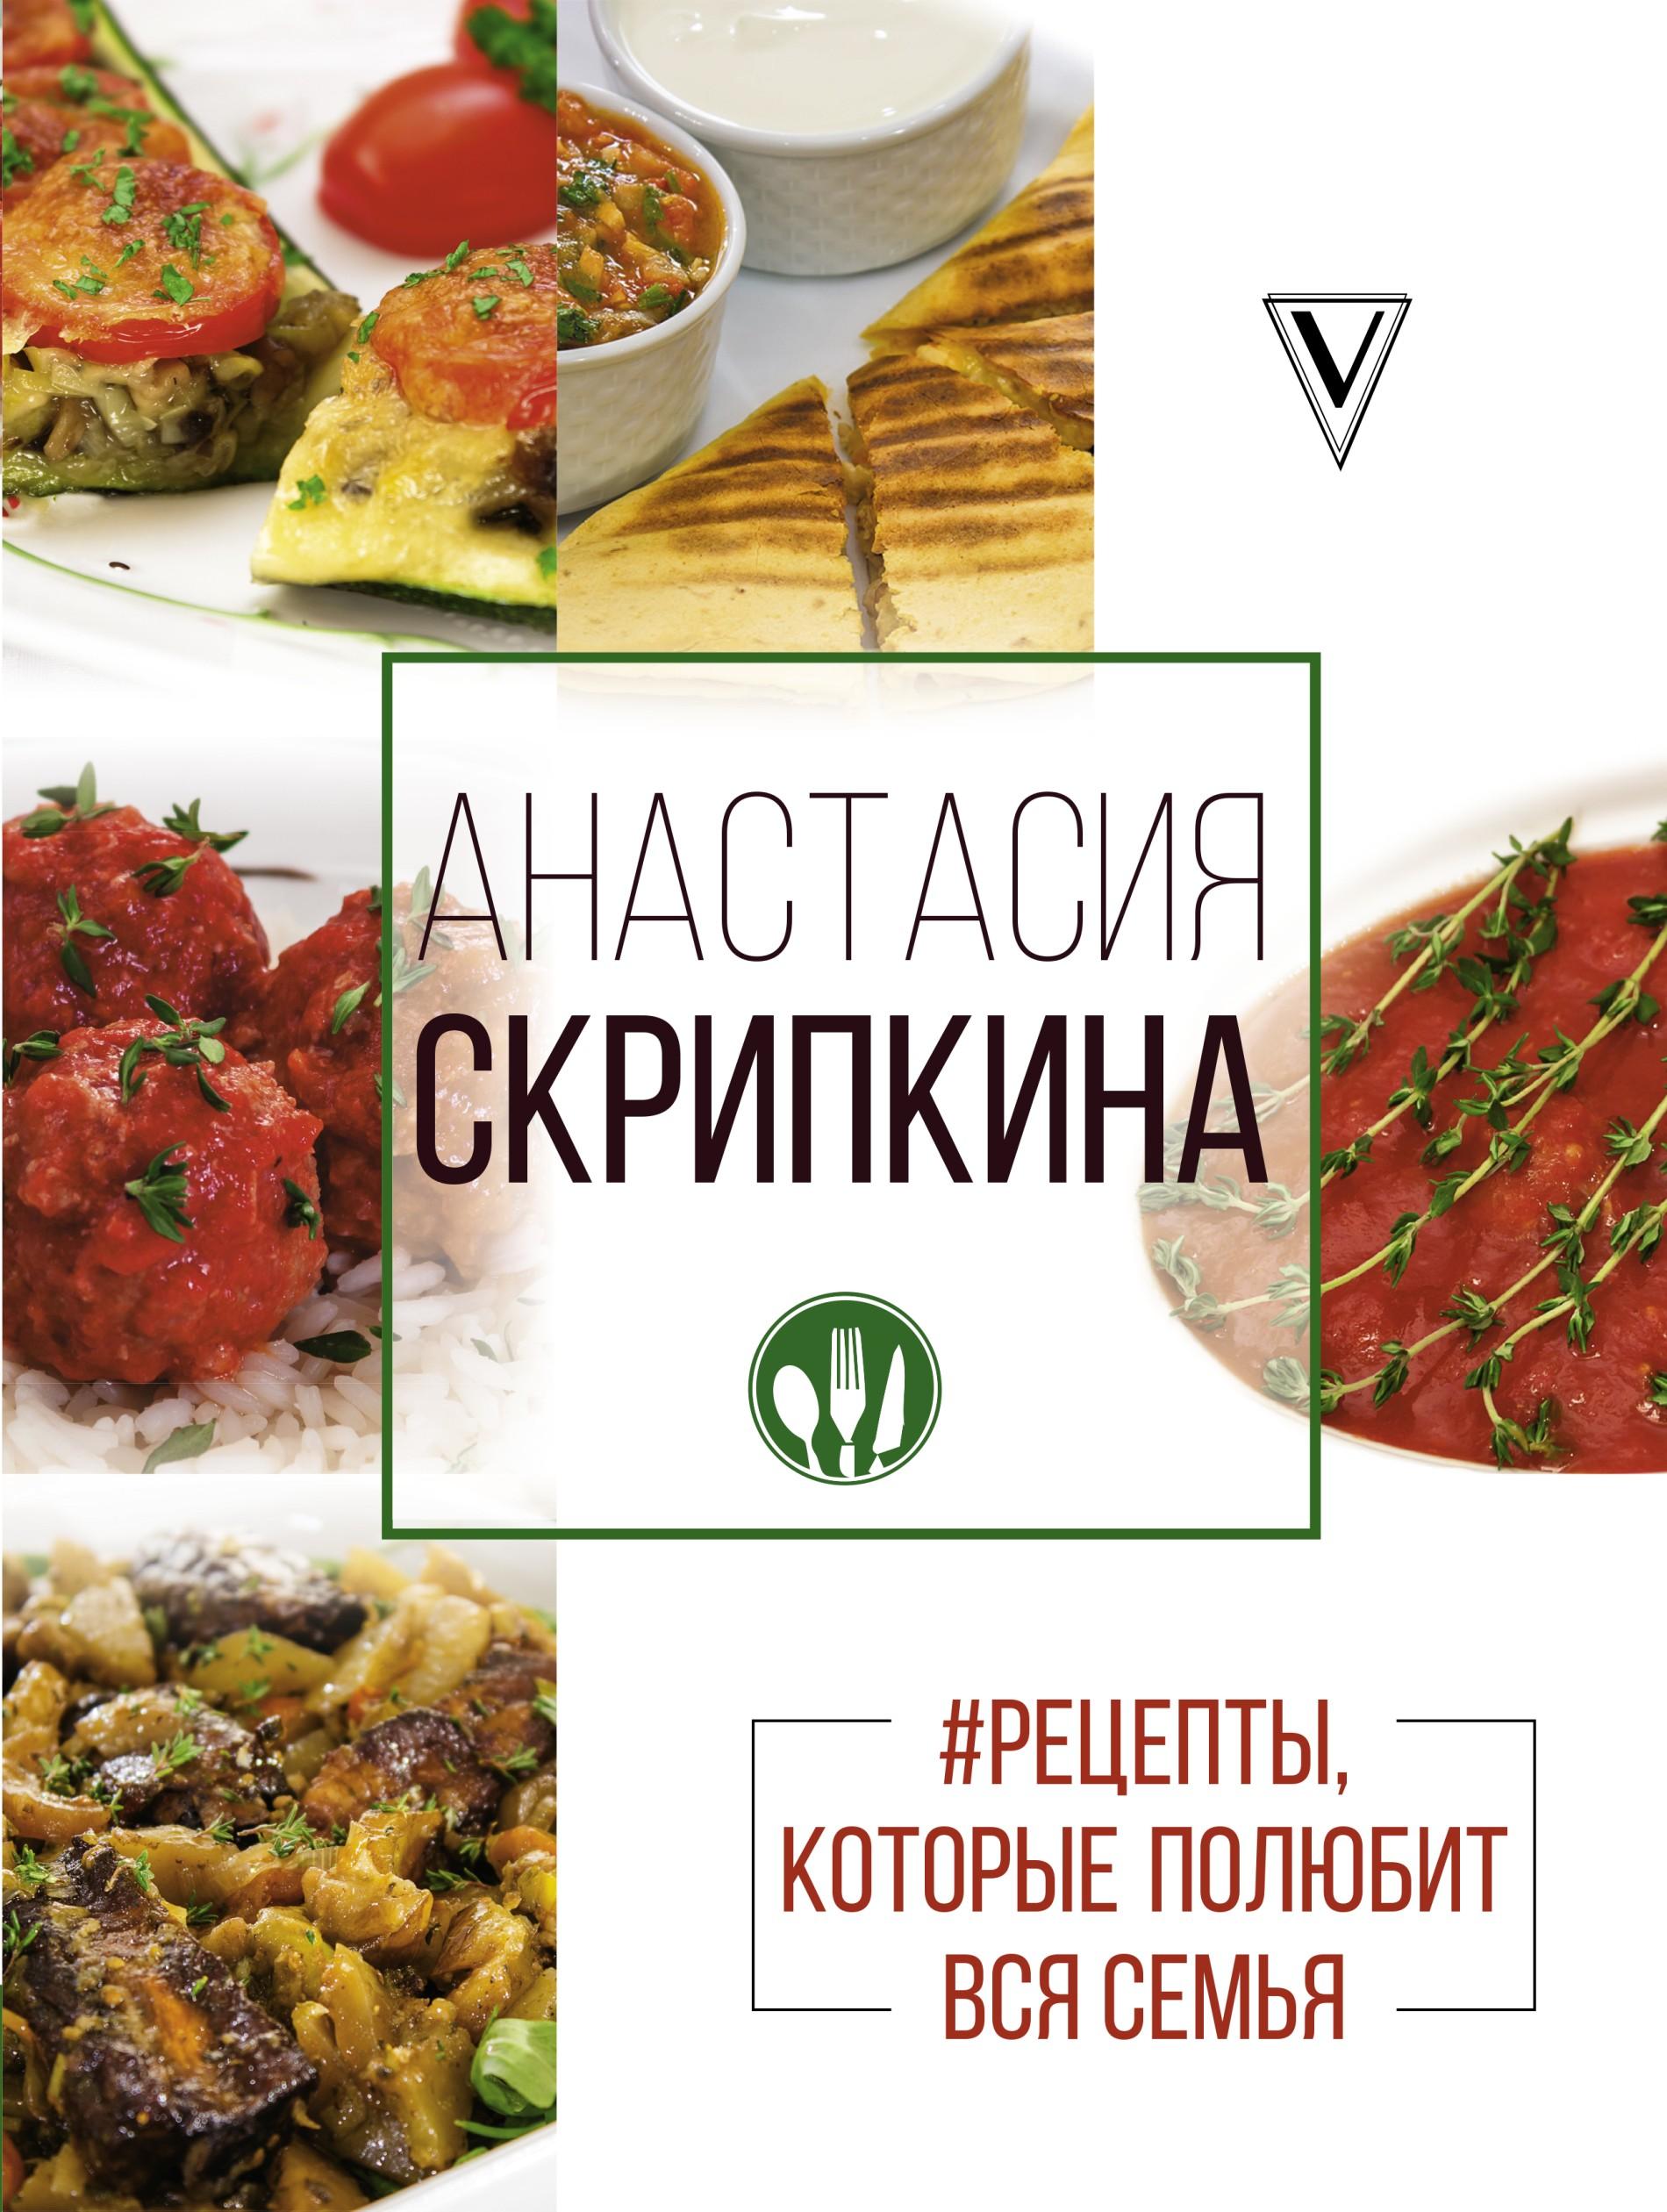 Анастасия Скрипкина #Рецепты, которые полюбит вся семья. Вторые блюда анастасия скрипкина рецепты которые полюбит вся семья вторые блюда isbn 978 5 17 102612 7